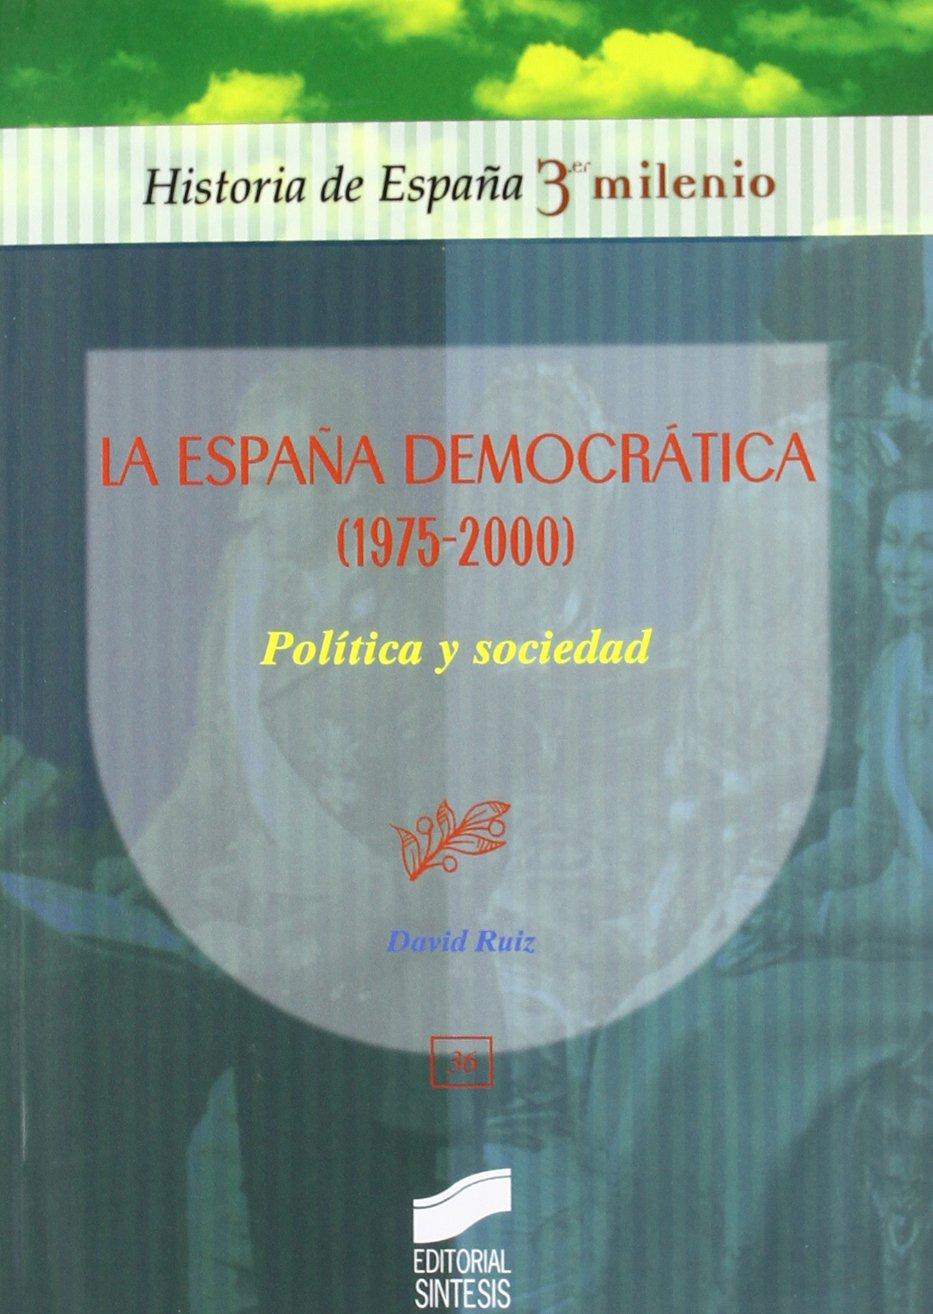 La España democrática 1975-2000 : política y sociedad: 36 Historia de España, 3er milenio: Amazon.es: Ruiz, David: Libros